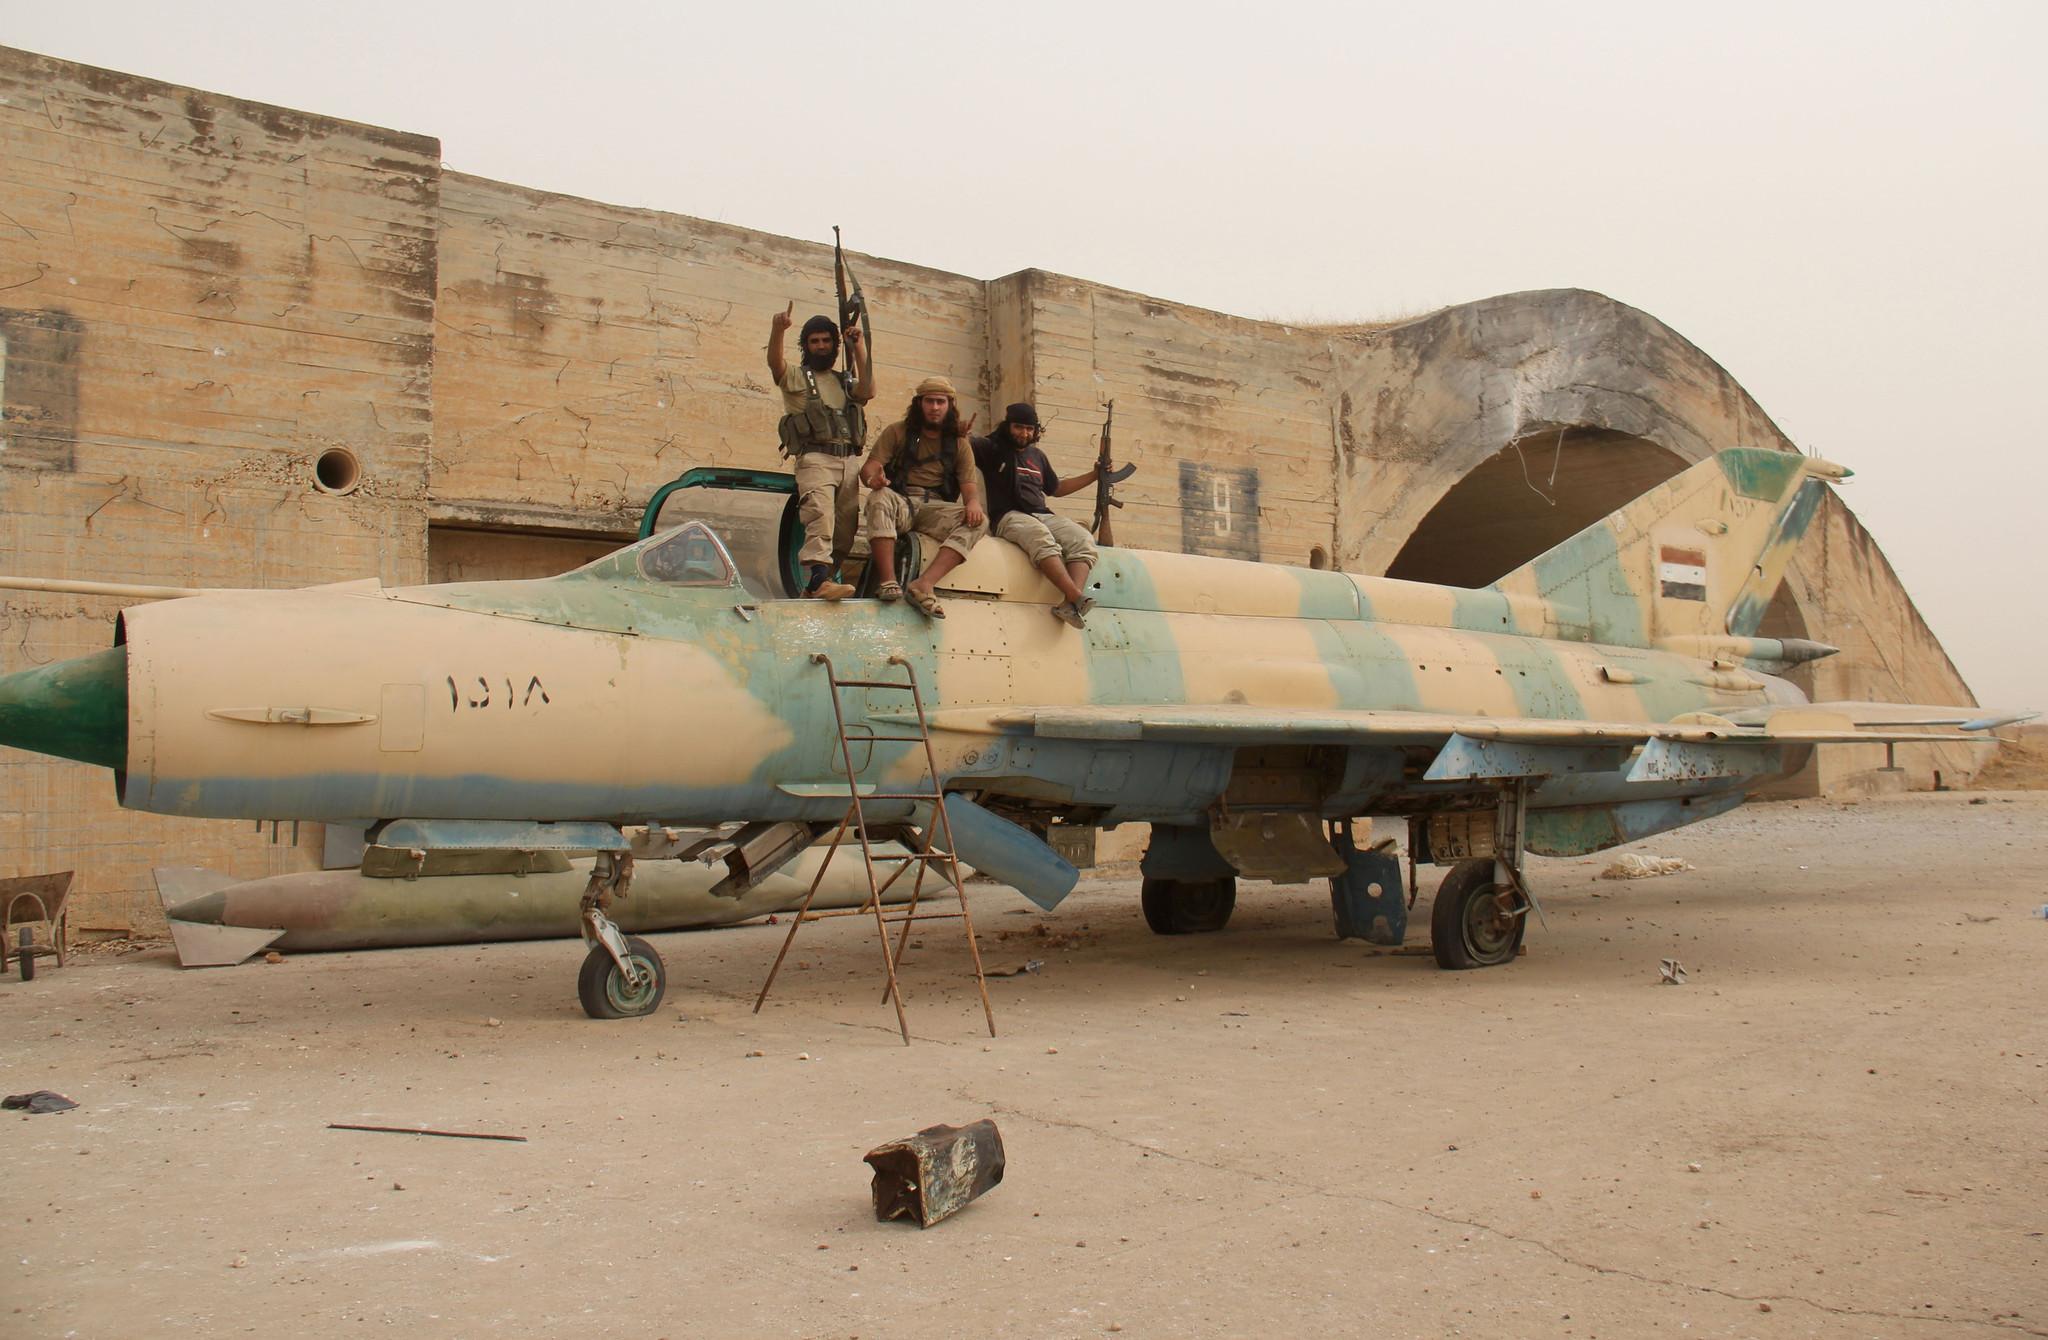 'İdlib'teki Ebu Zuhur Askeri Havaalanı rejime teslim edilecek'